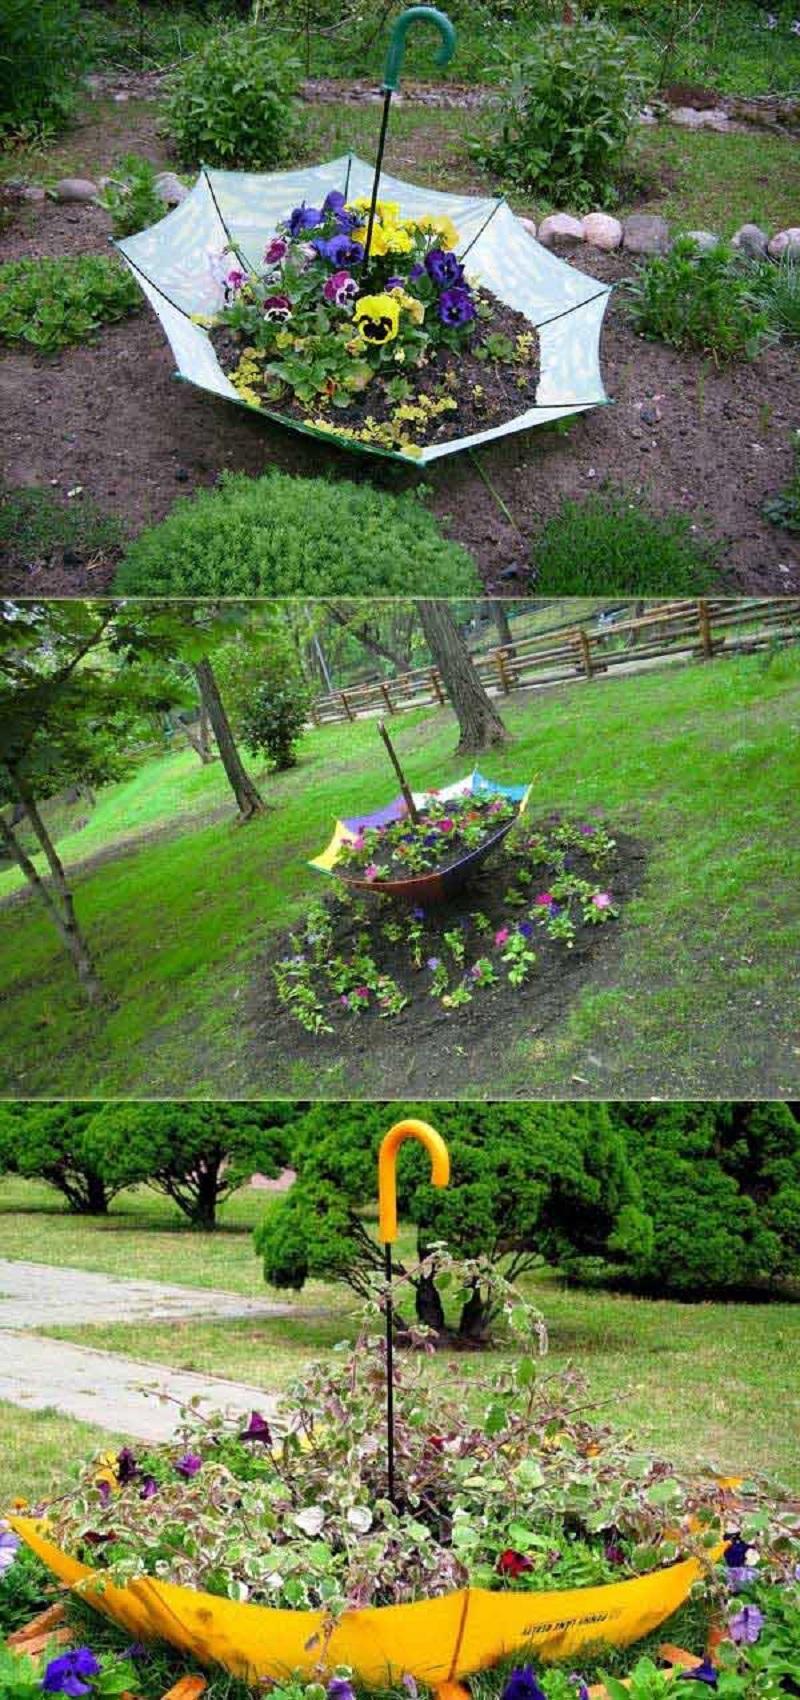 Umbrella garden bed